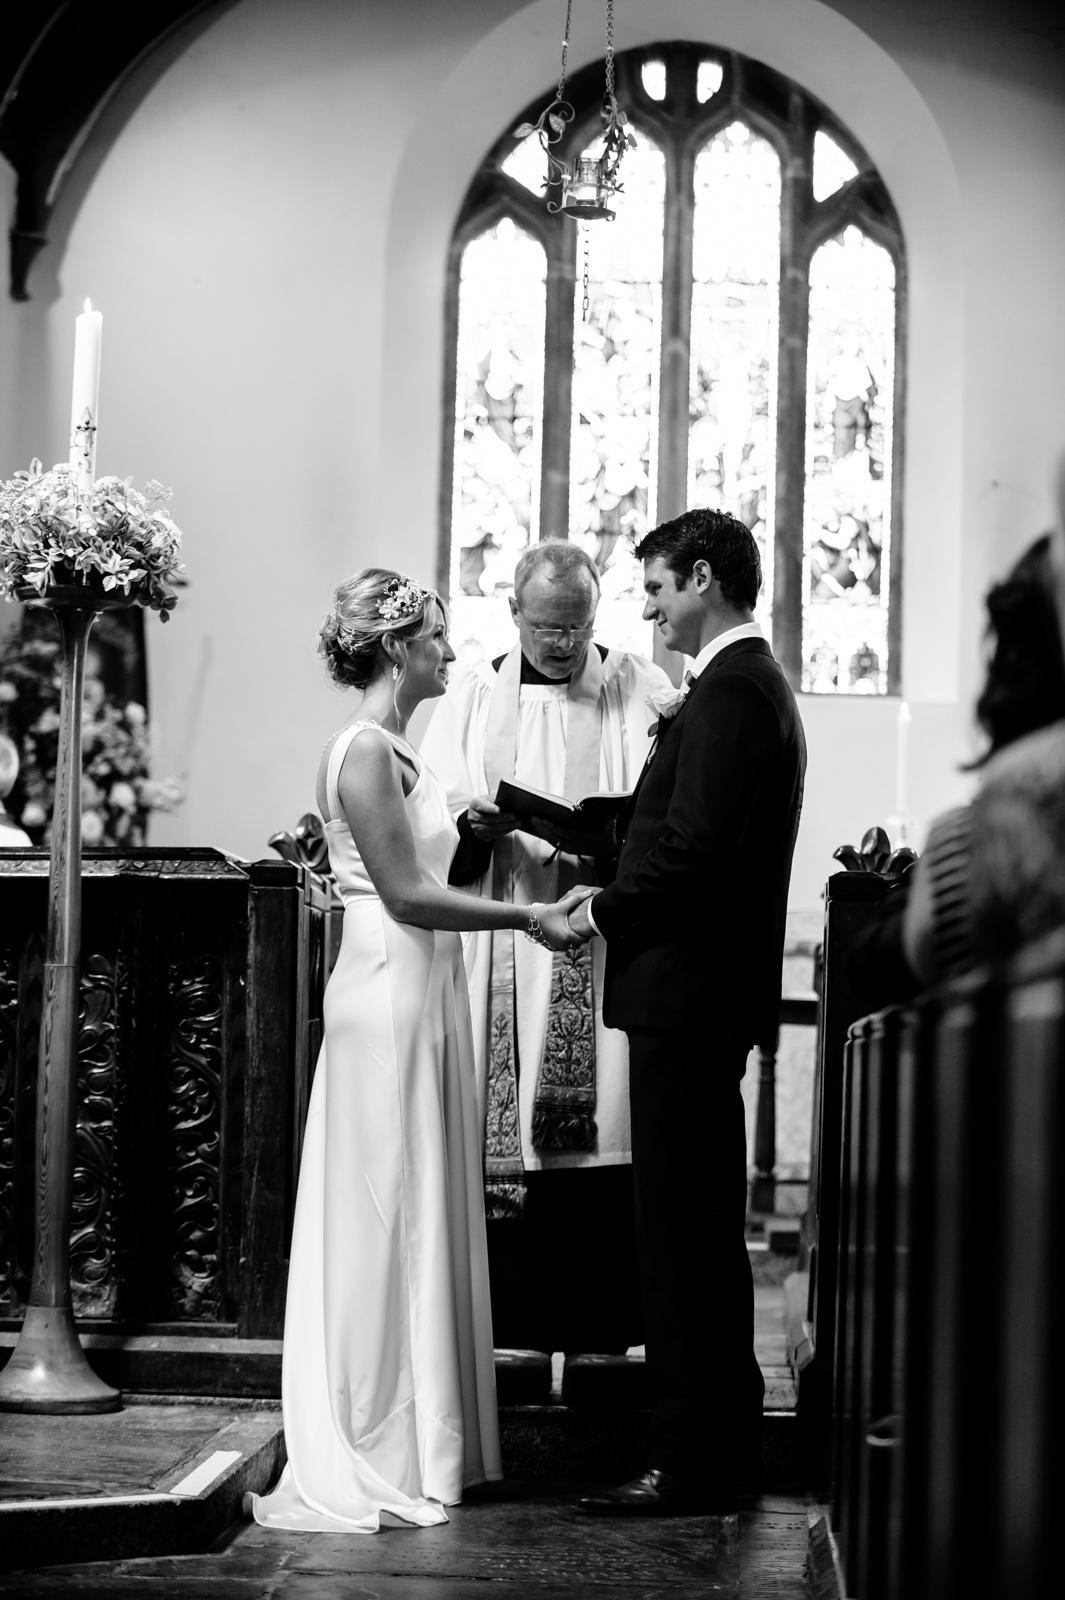 mylor-church-wedding-40.jpg